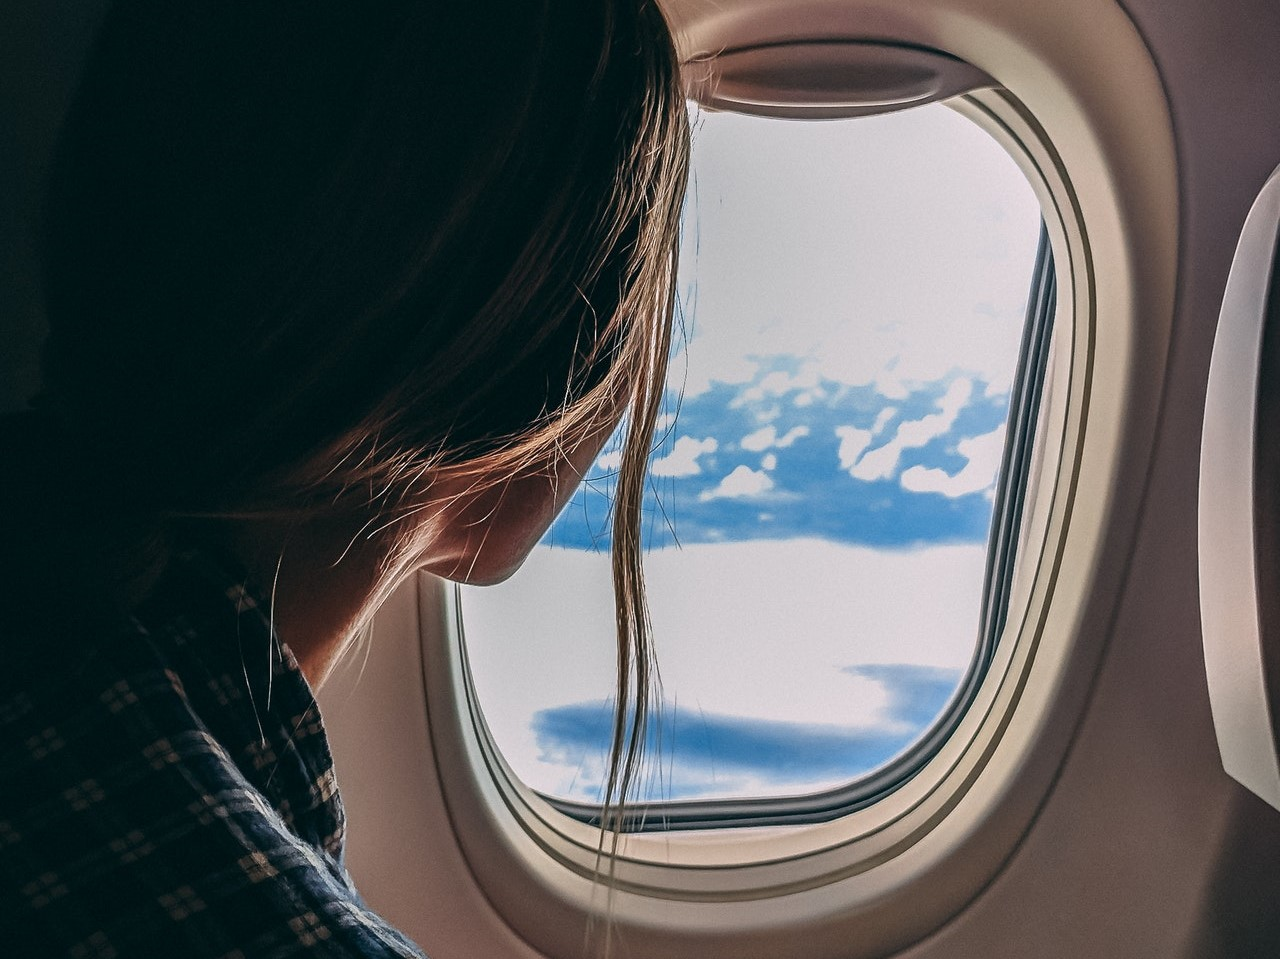 vista da janela de avião em primeira viagem internacional